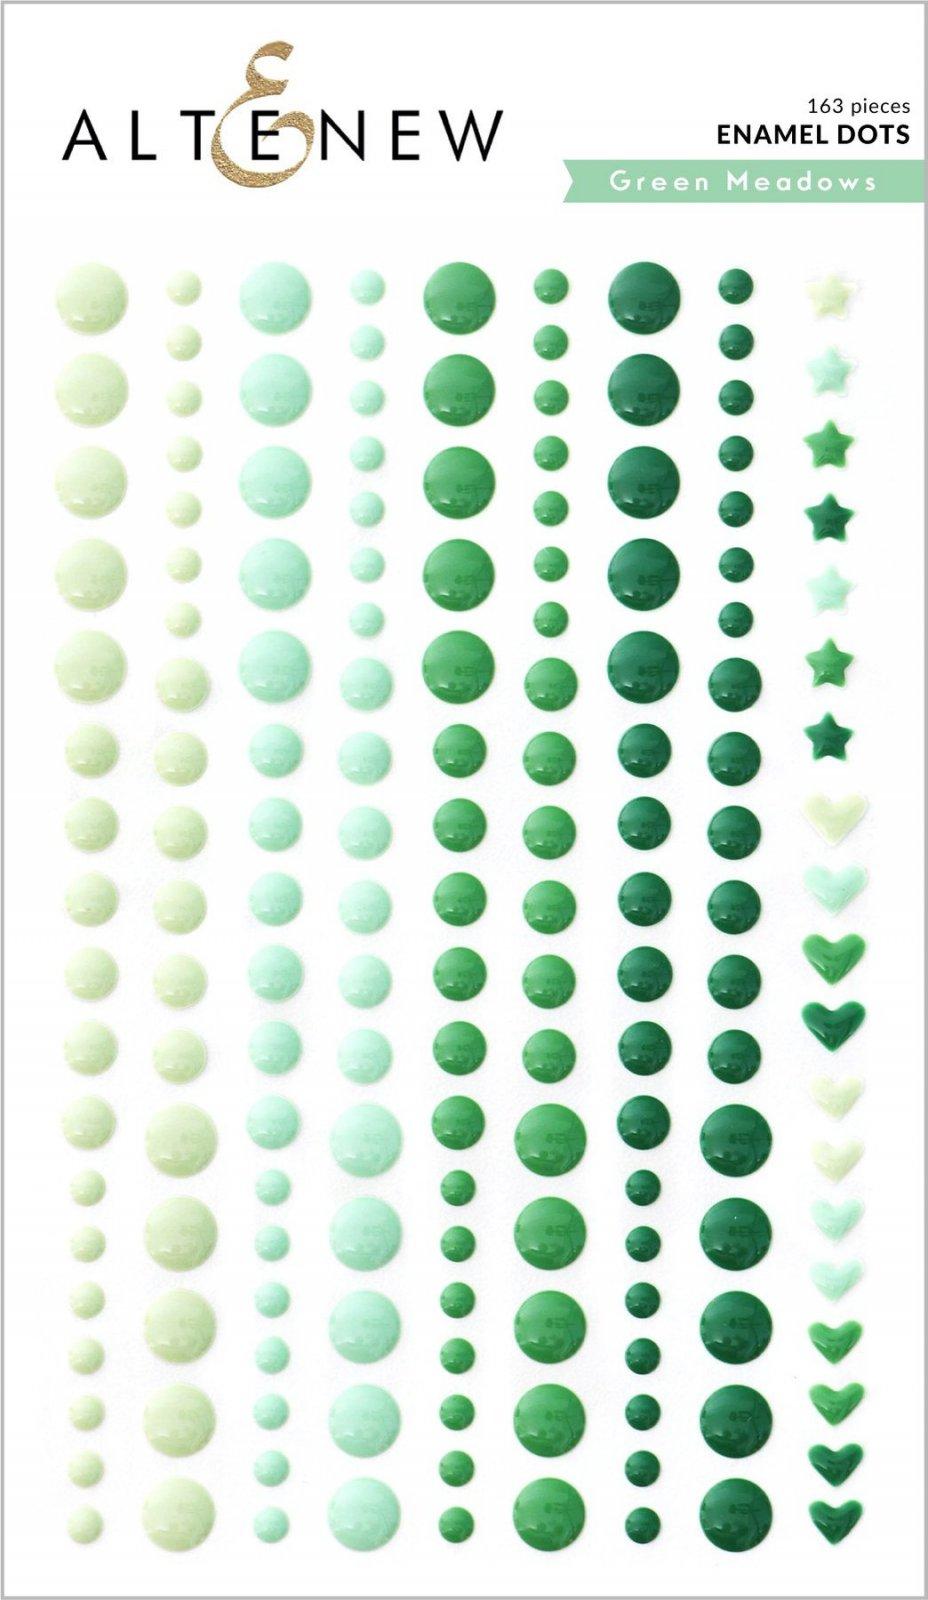 Altenew - Enamel Dots: Green Meadows